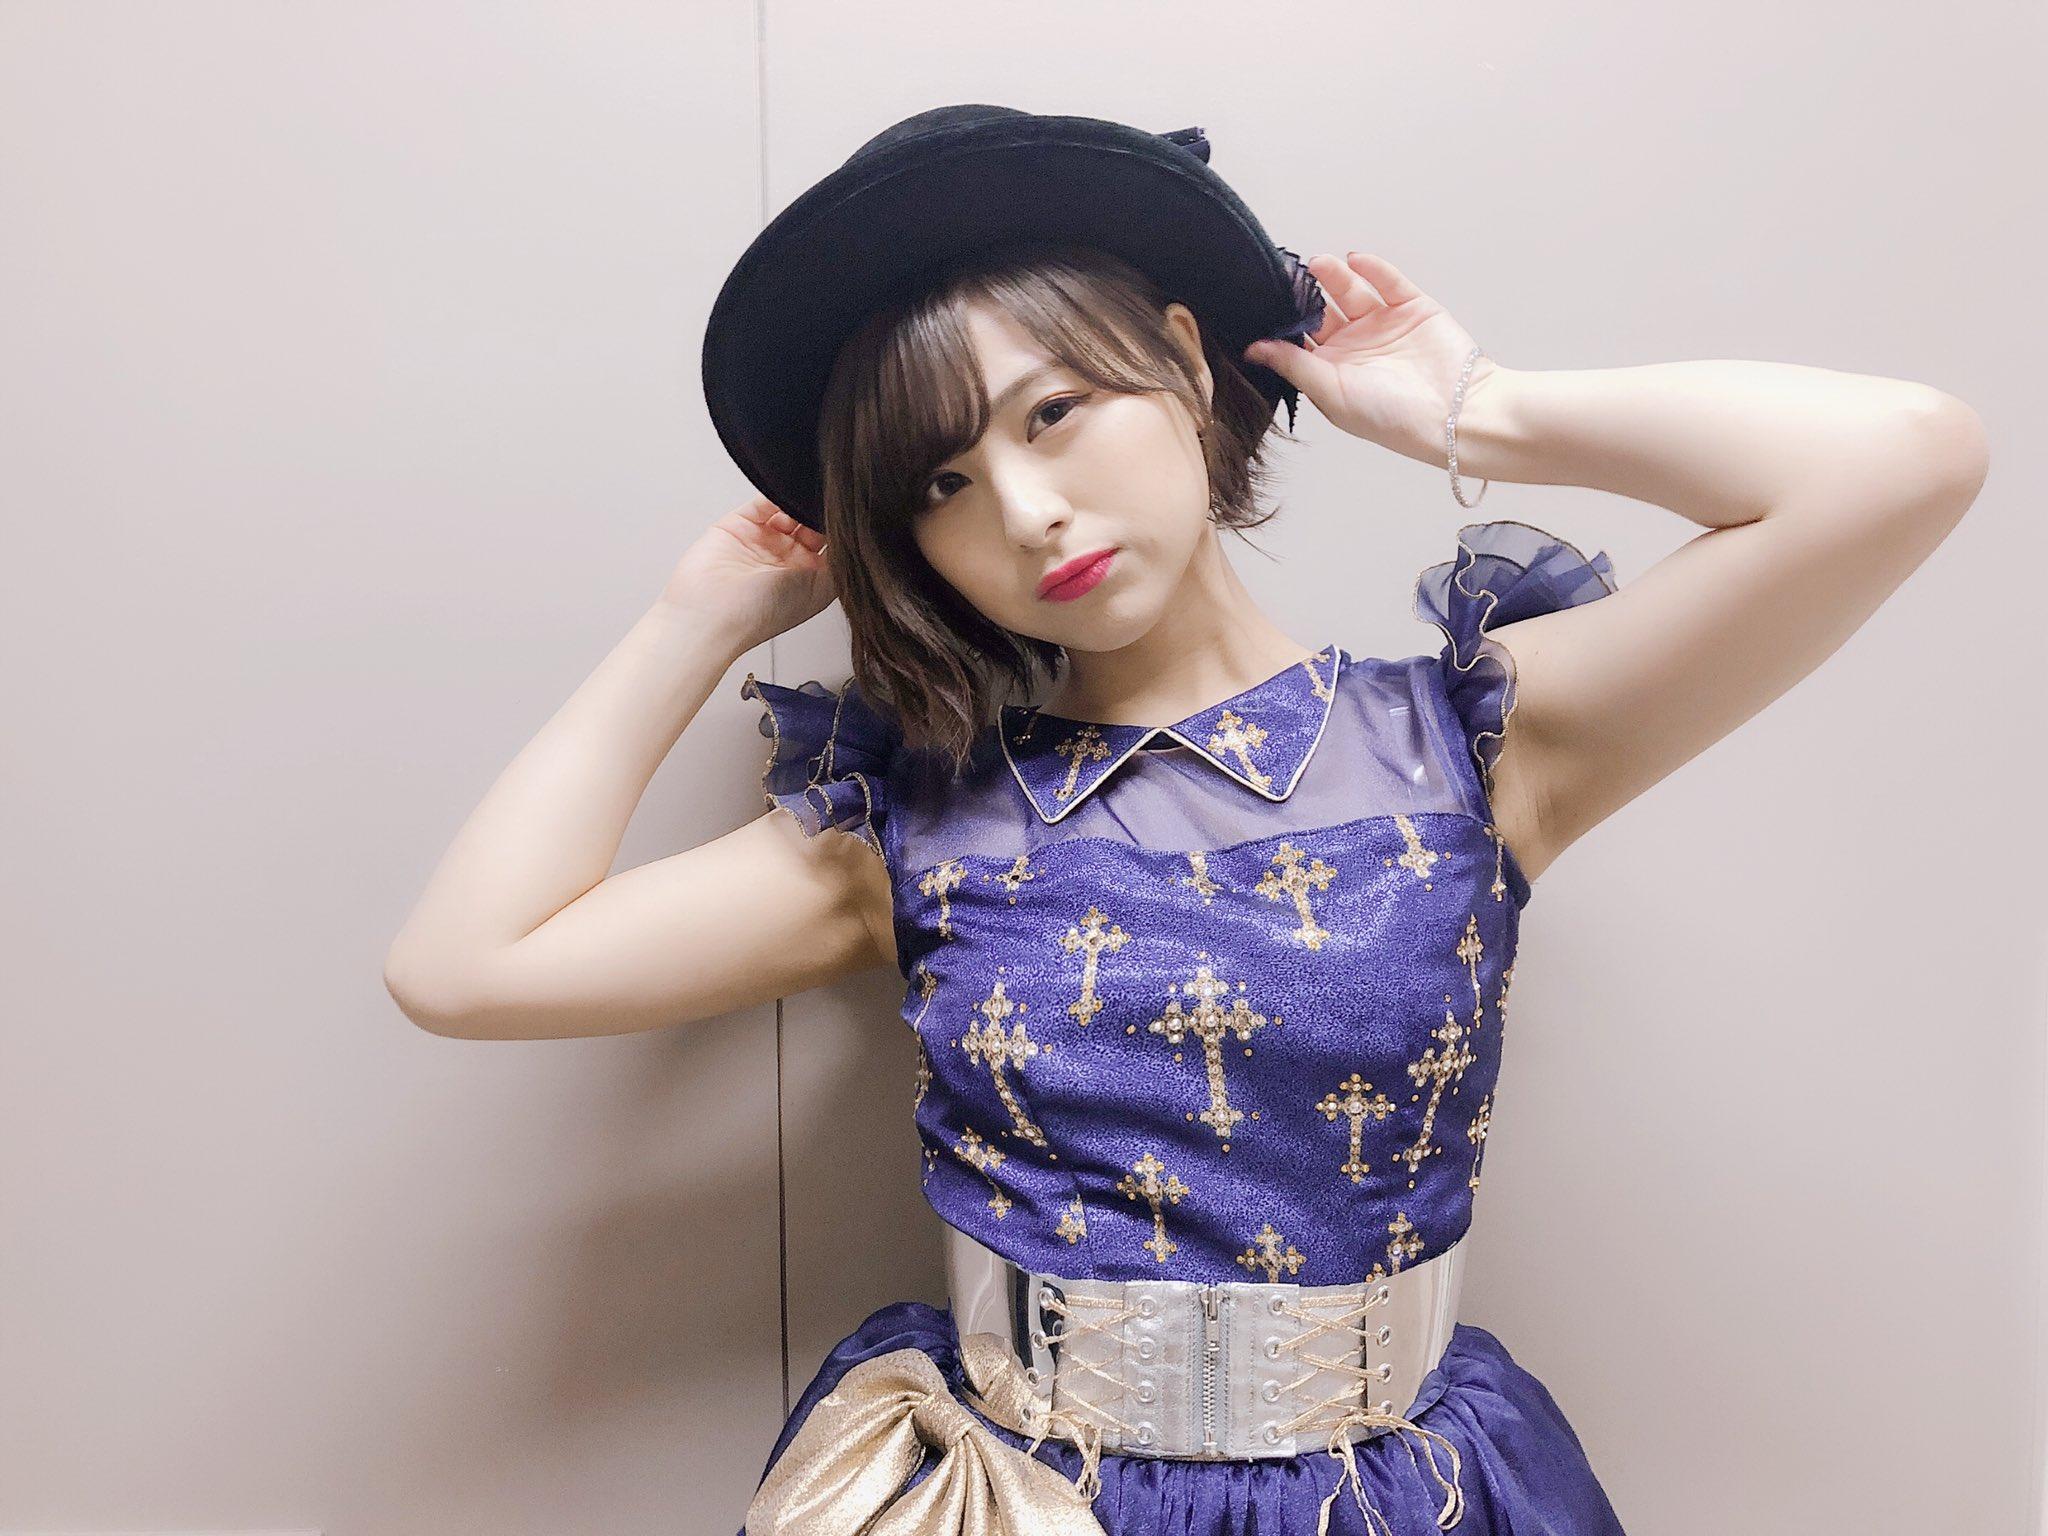 【画像】チーム8の佐藤栞さんが無毛のワキを晒しているってのに、おまえらときたら・・・